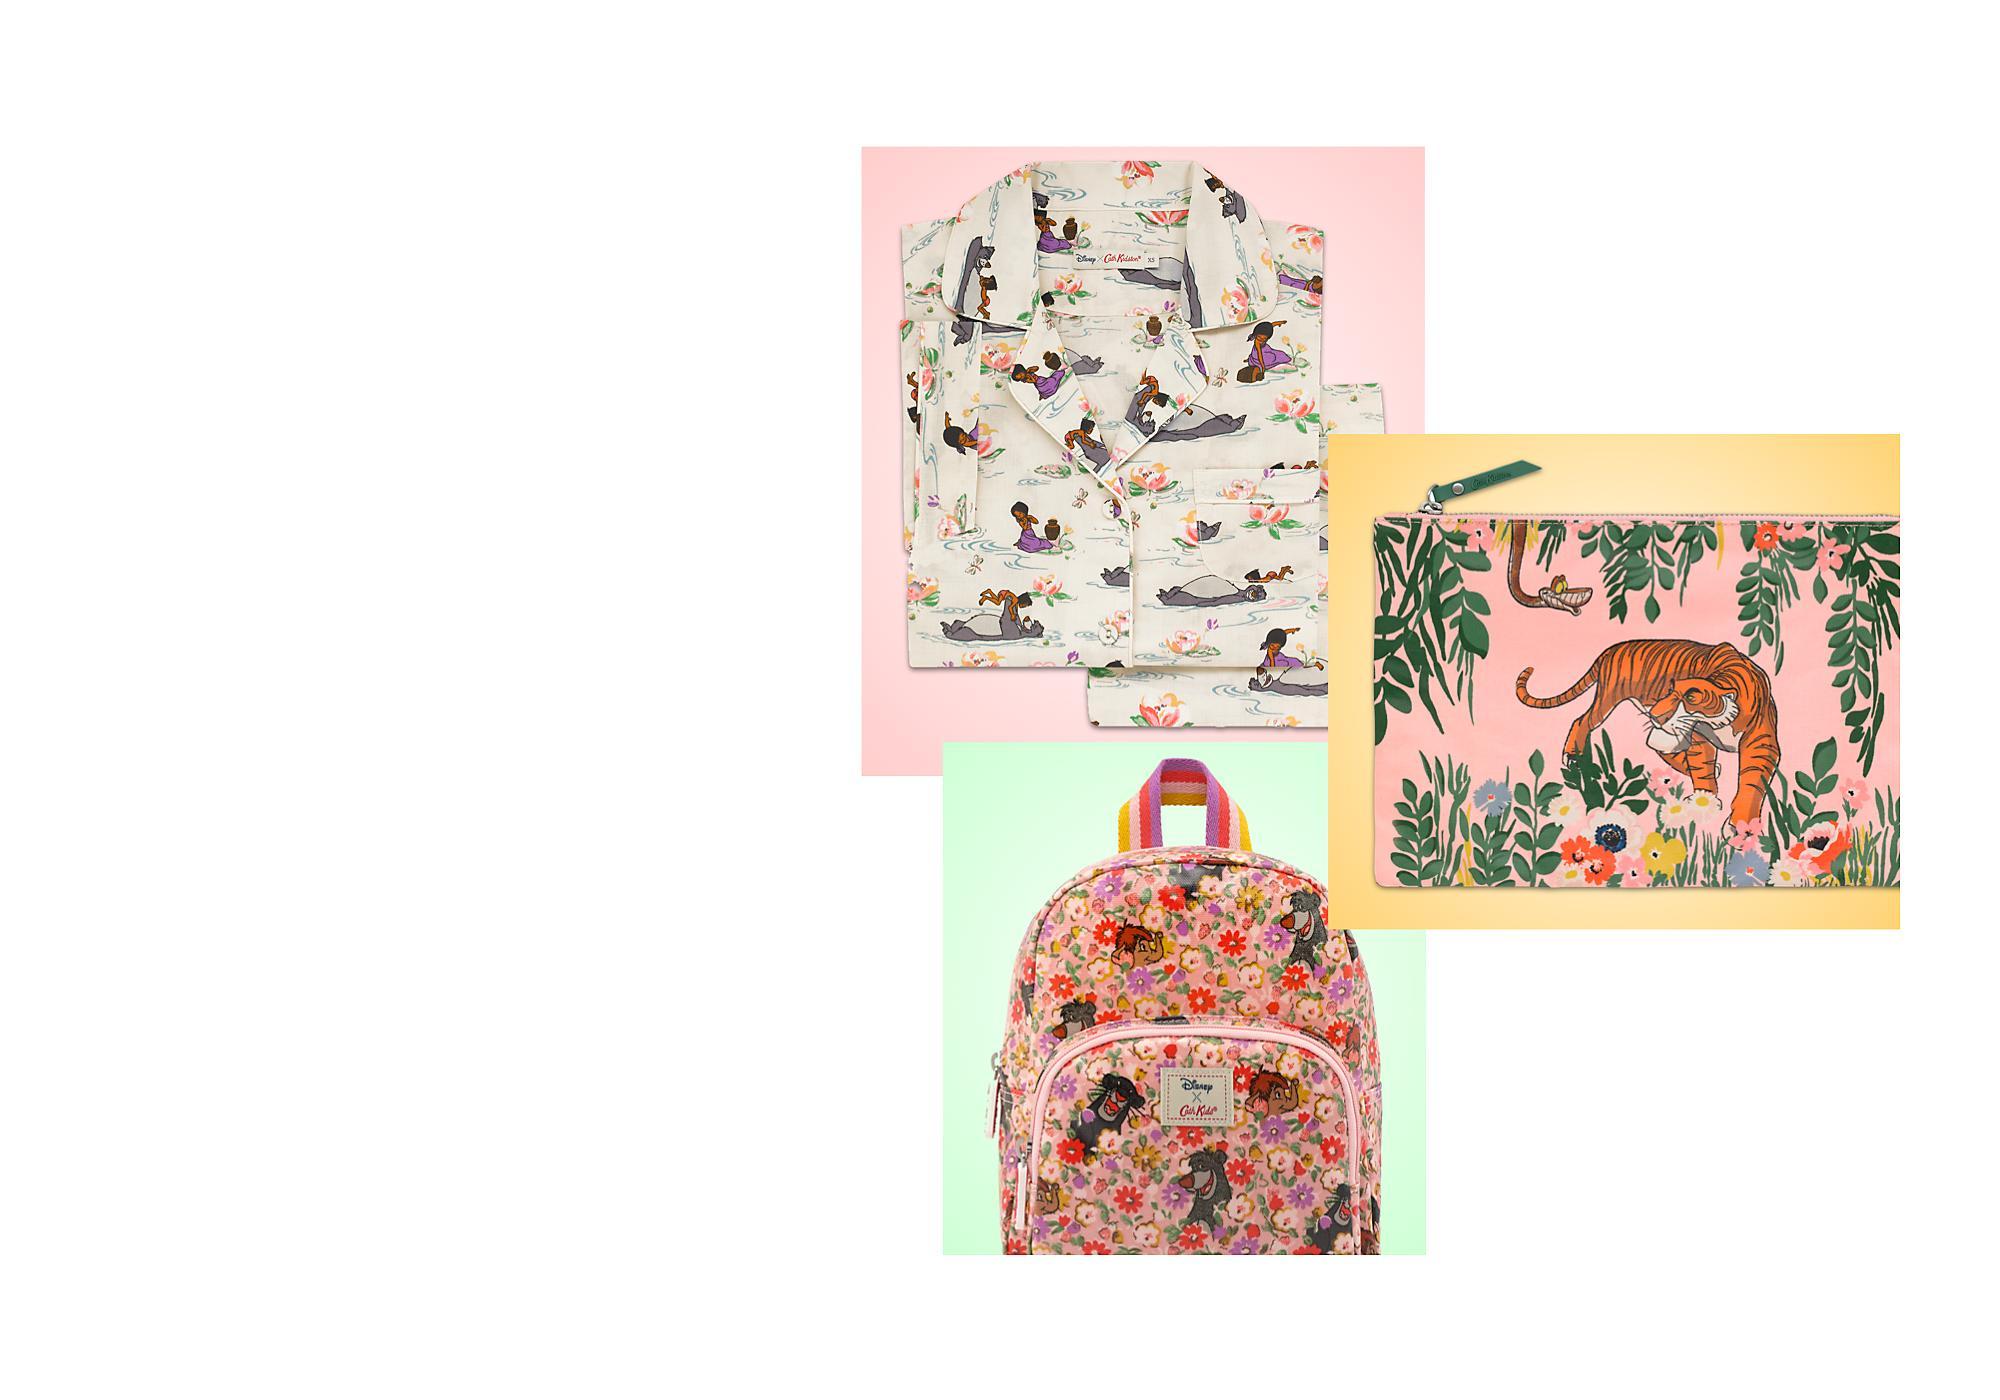 Lo stretto indispensabile La collezione di Cath Kidston x Disney ispirata al Libro della Giungla, scopri l'abbigliamento, accessori e articoli per la casa.